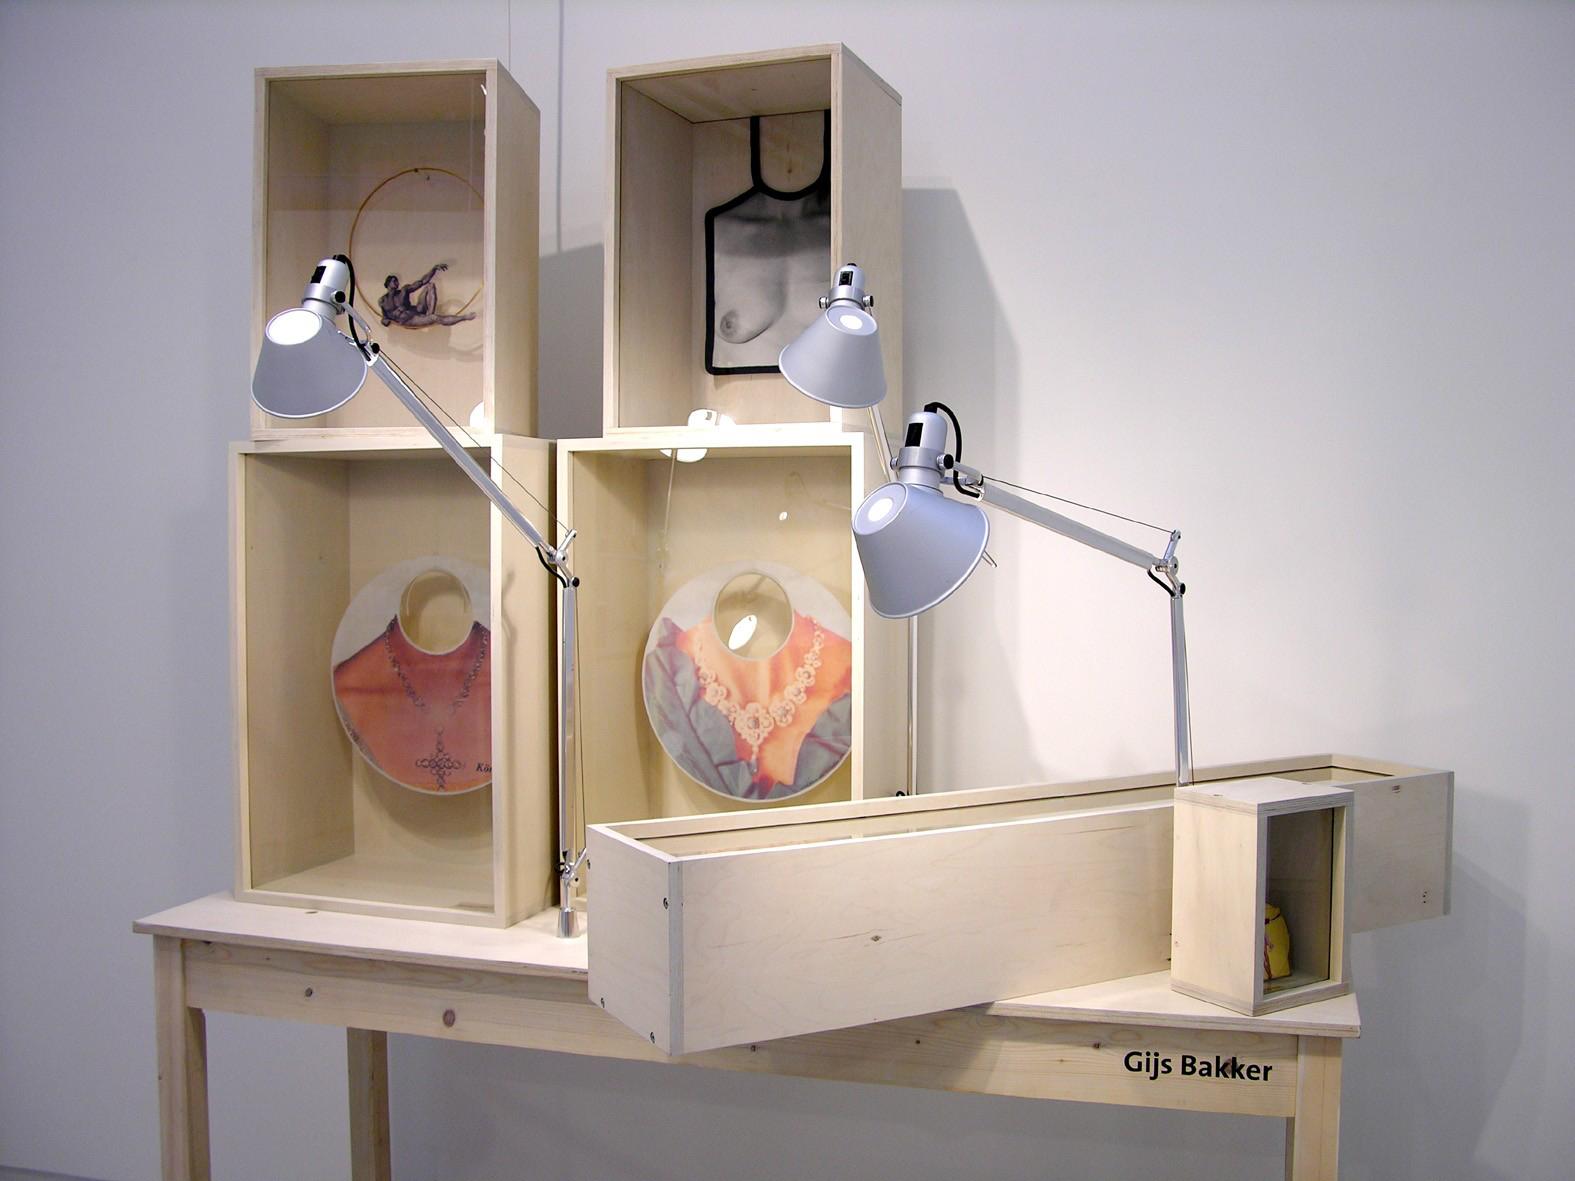 Gijs Bakker, Sterke Verhalen, hedendaagse verhalende sieraden uit Nederland, Stedelijk Museum 's-Hertogenbosch, 2006, tentoonstelling